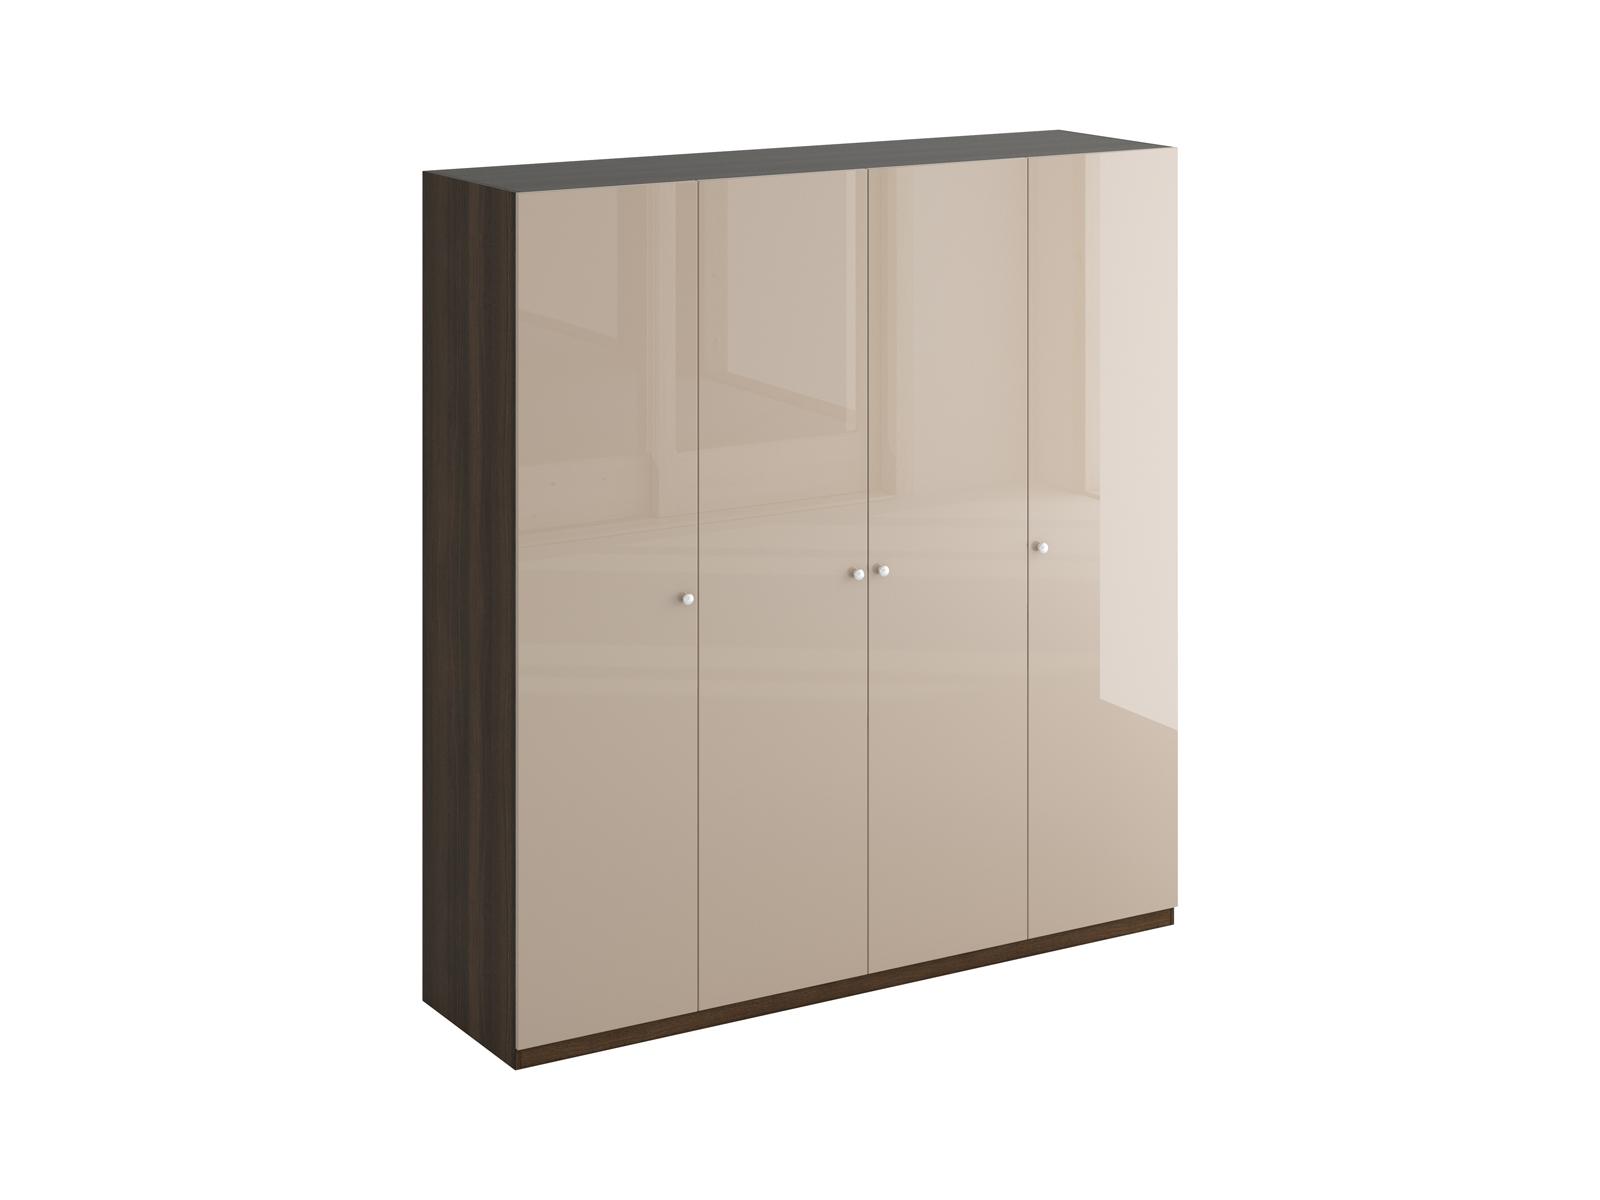 Шкаф UnoПлатяные шкафы<br>&amp;lt;div&amp;gt;Шкаф четырехдверный состоит их трёх отделений. В отделениях расположены верхние стационарные и нижние съемными полки. На одной дверце шкафа с внутренней стороны расположено зеркало. Шкаф установлен на регулируемые опоры. Данную мебель рекомендуется крепить к стене. Ручки и внутренние элементы продаются отдельно.&amp;lt;/div&amp;gt;&amp;lt;div&amp;gt;&amp;lt;br&amp;gt;&amp;lt;/div&amp;gt;&amp;lt;div&amp;gt;Материалы:&amp;lt;/div&amp;gt;&amp;lt;div&amp;gt;Корпус: ЛДСП 16 мм цвет&amp;amp;nbsp;&amp;lt;/div&amp;gt;&amp;lt;div&amp;gt;Фасад: ЛДСП 16 мм цвет&amp;amp;nbsp;&amp;lt;/div&amp;gt;<br><br>Material: ДСП<br>Ширина см: 219